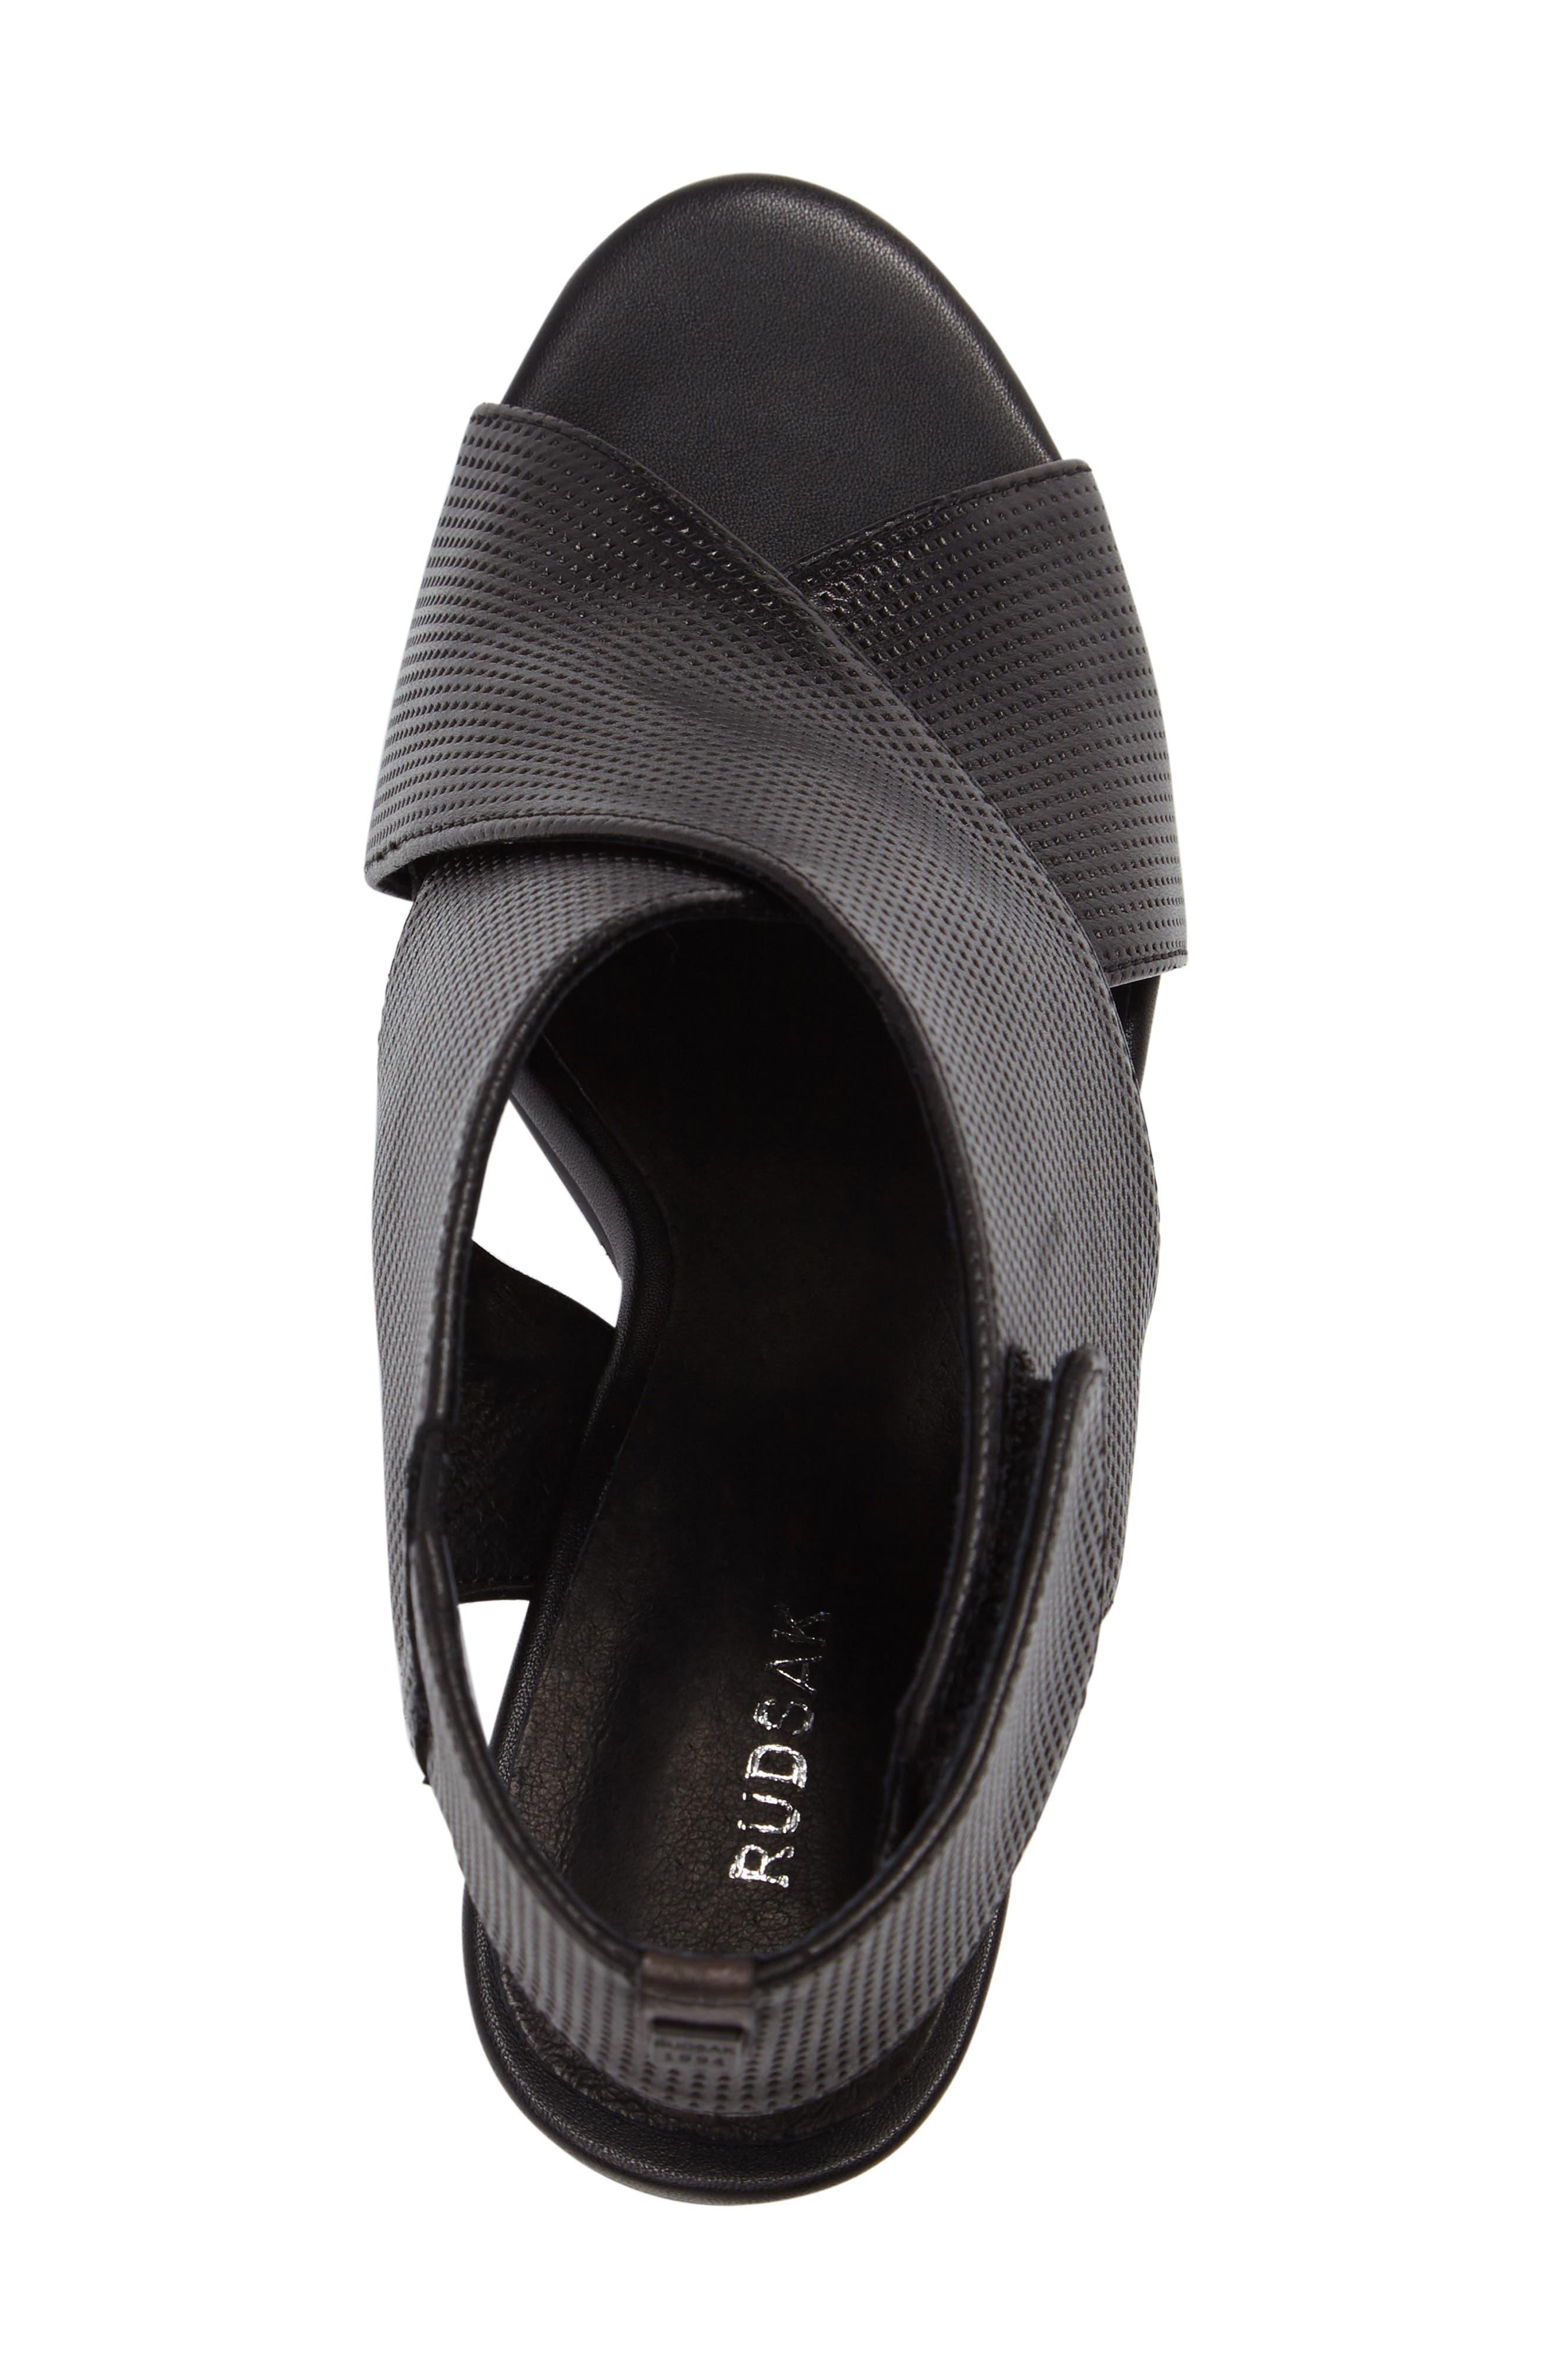 Benedetta Block Heel Sandal,                             Alternate thumbnail 5, color,                             001